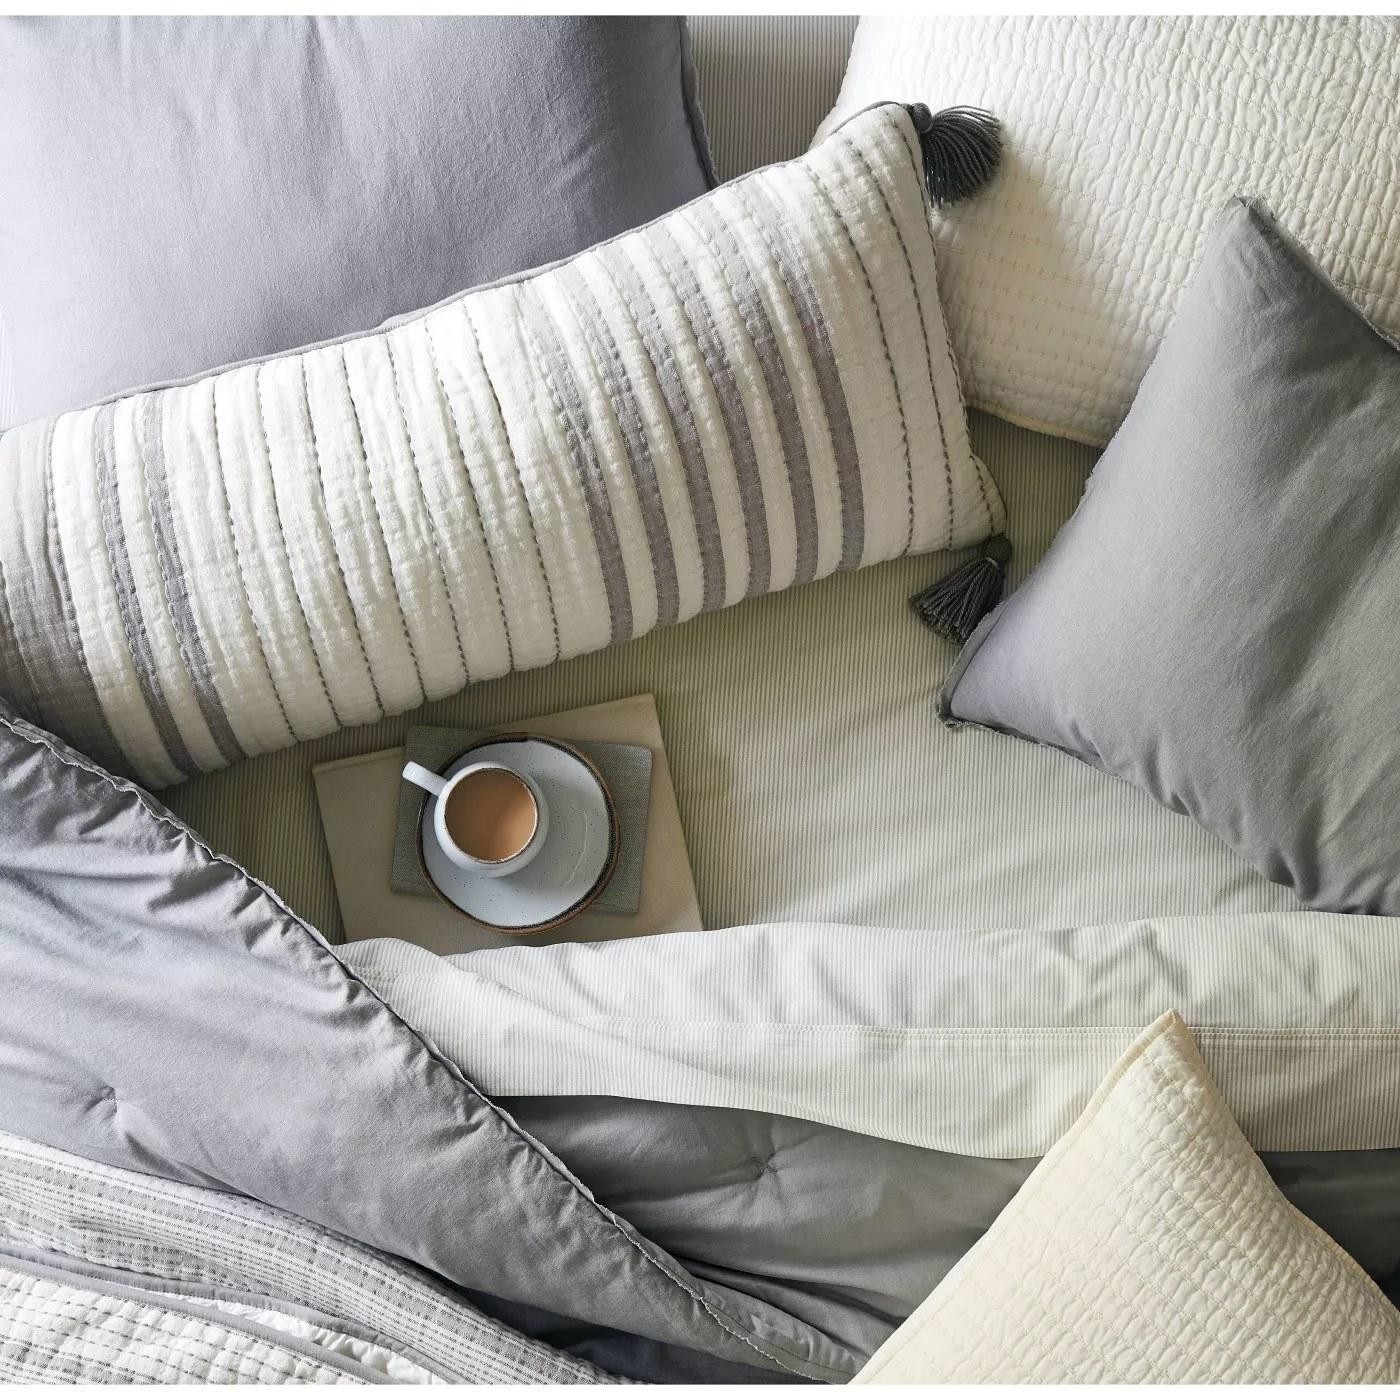 The lumbar pillow